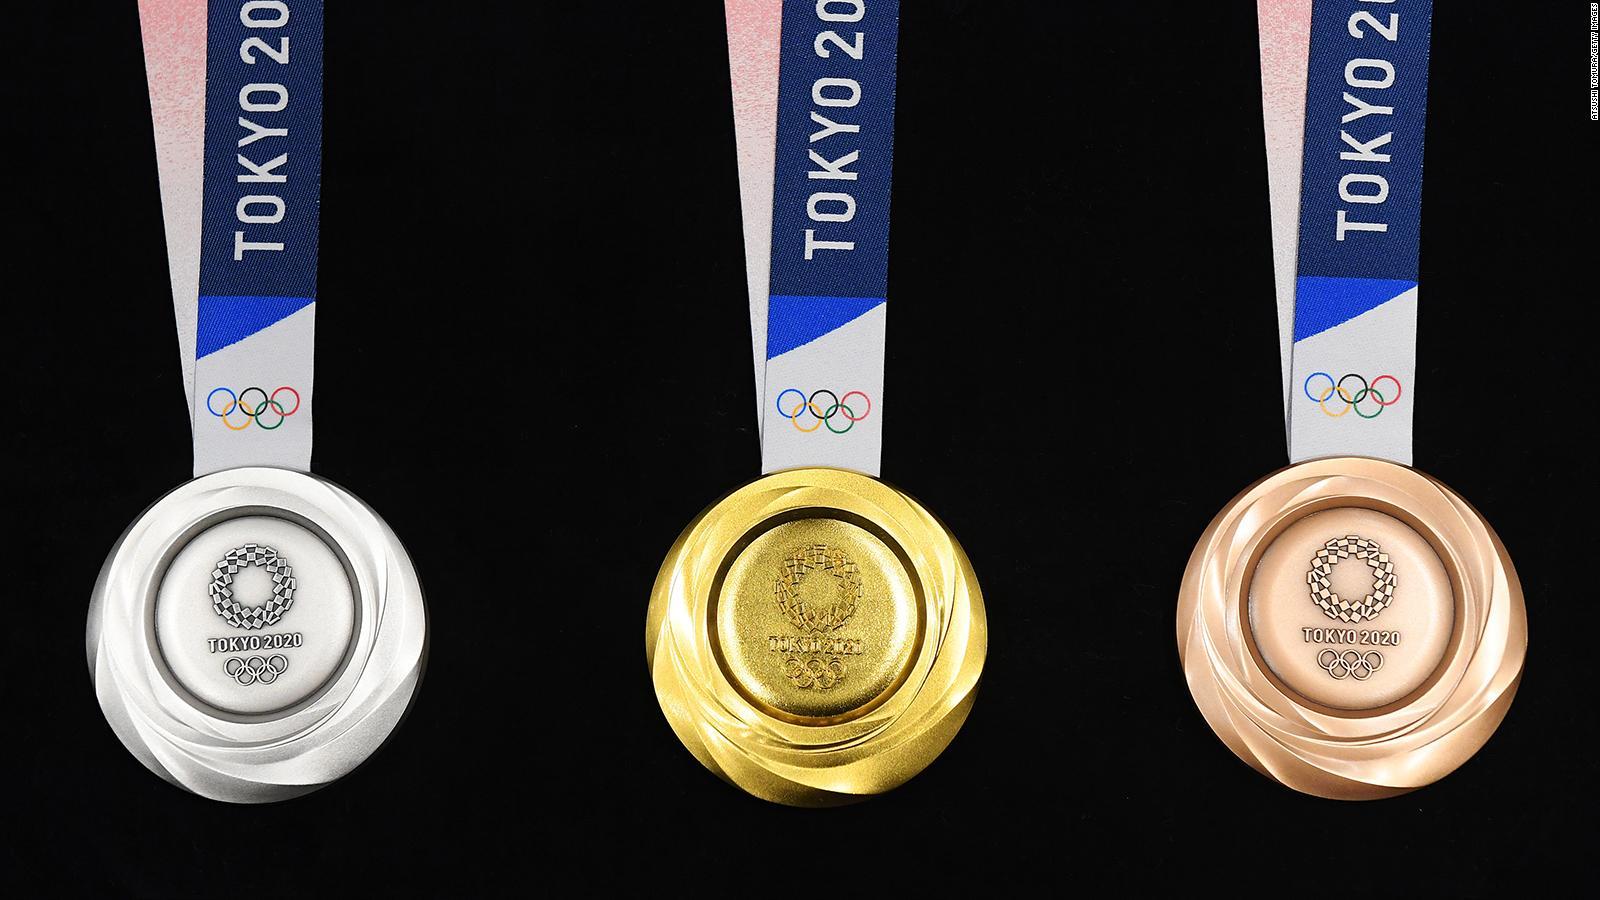 Tokio 2020: Venezuela y República Dominicana celebran logros olímpicos